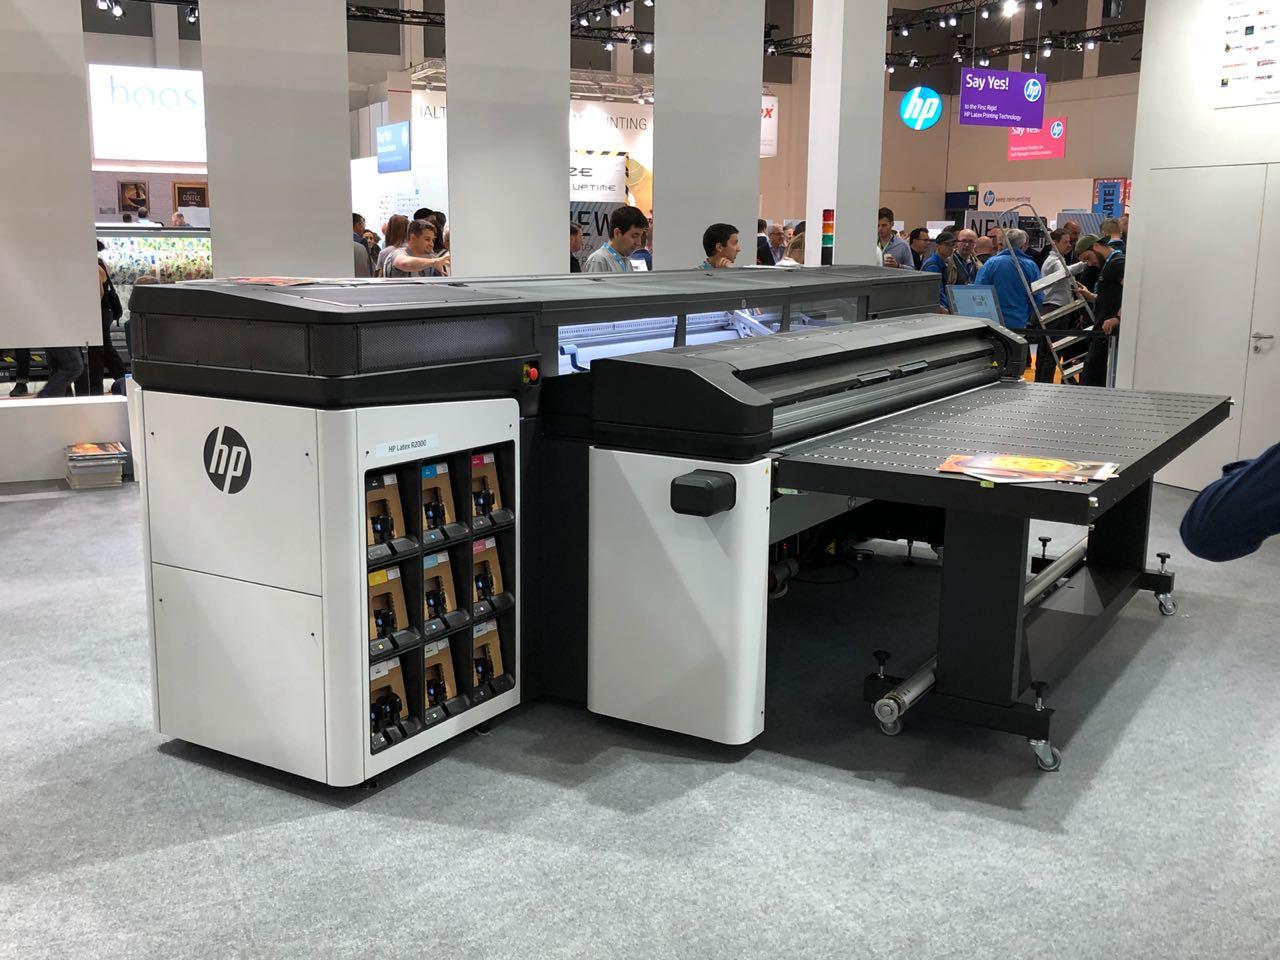 plotter HP com tecnologia Latex para impressões em mídias planas e rígidas lançado na Feira Fespa